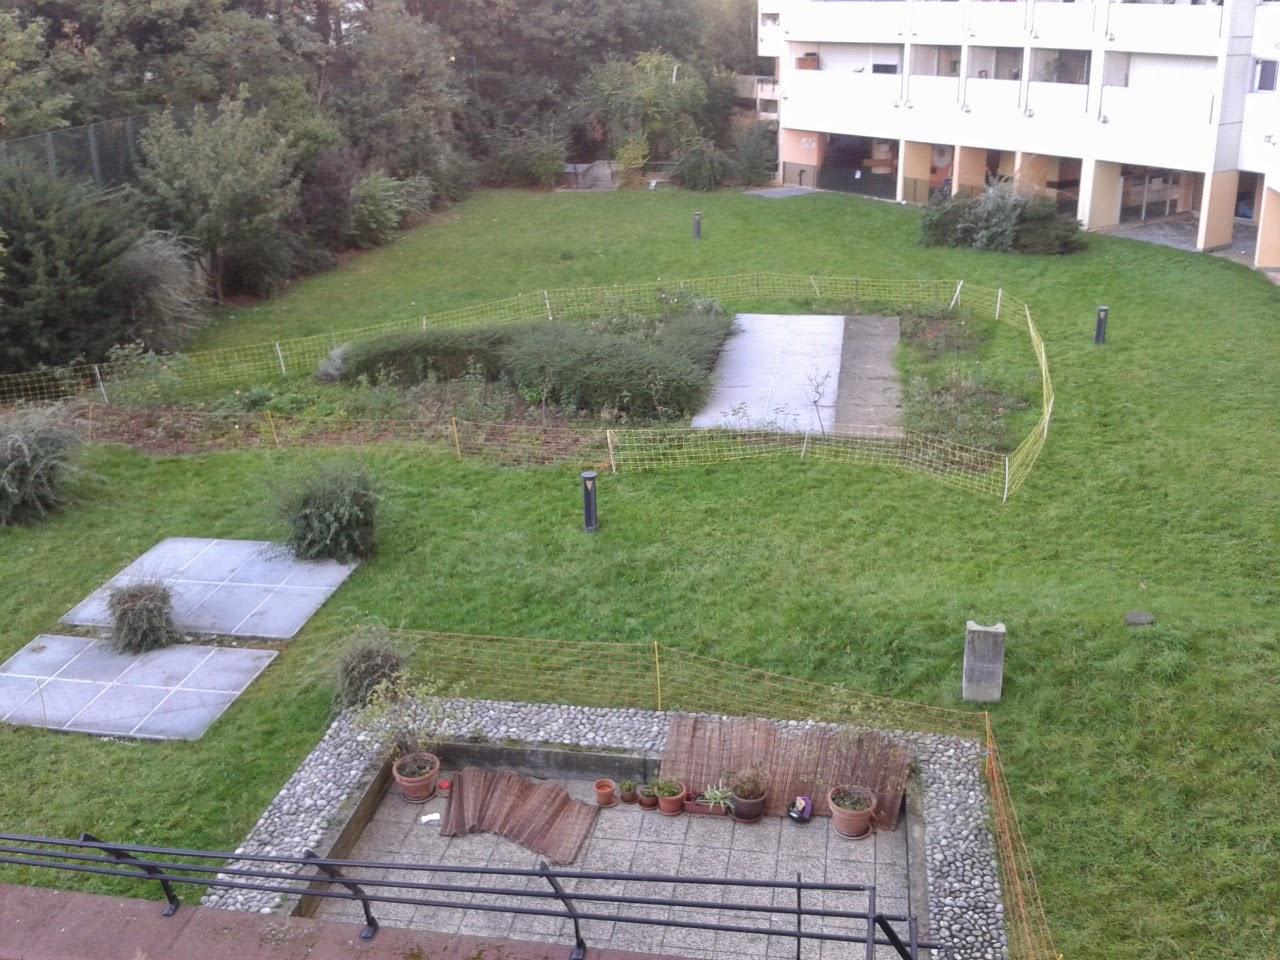 Jardin santerre 107 rue de reuilly paris 12 me on attend for Jardin 54 rue de fecamp